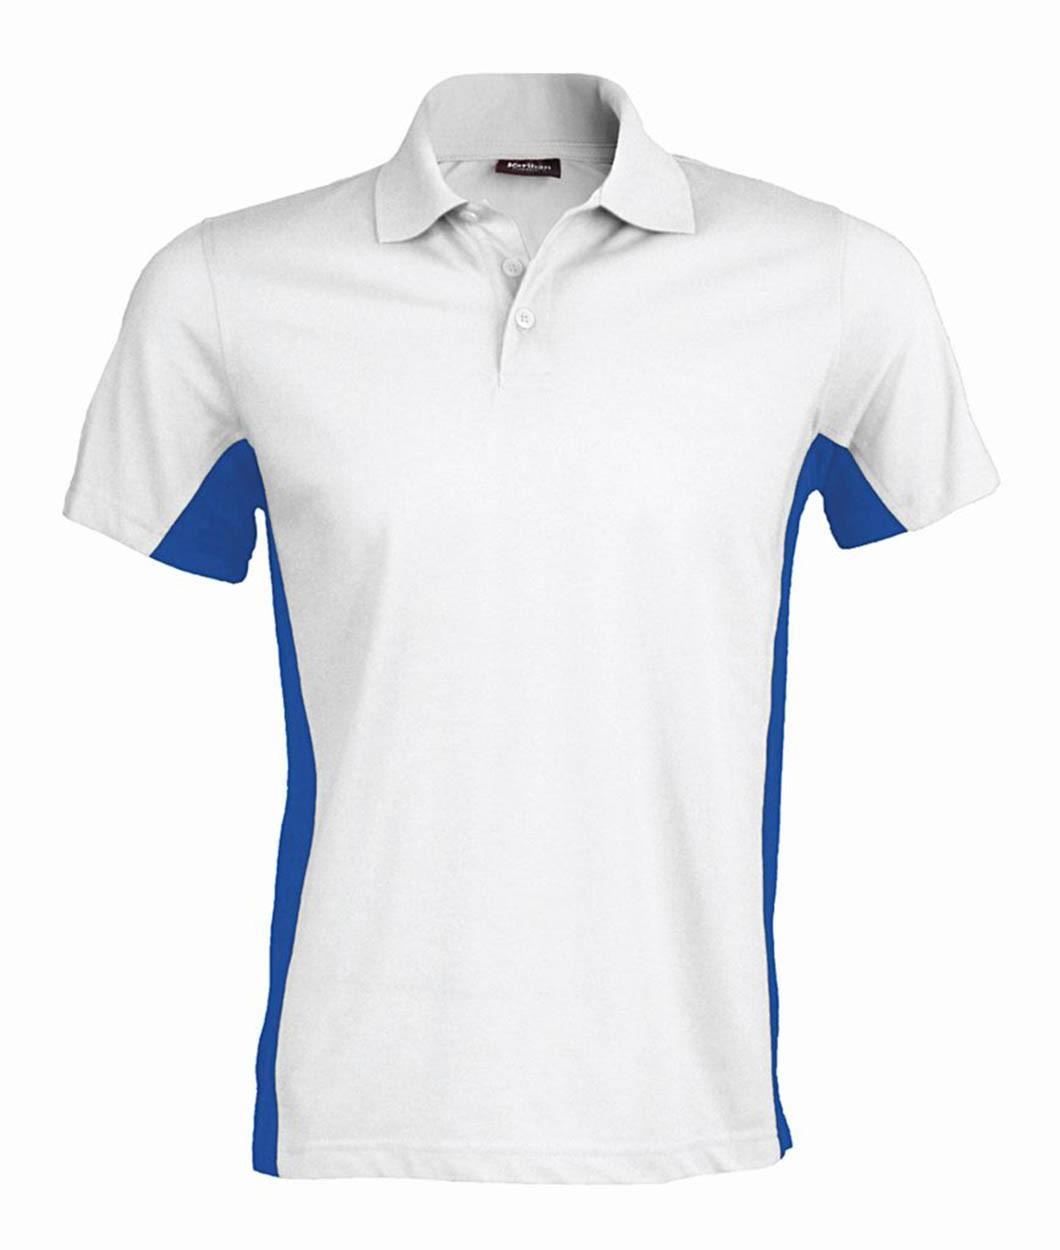 Cheap Embroidered Polo Shirts Uk Joe Maloy